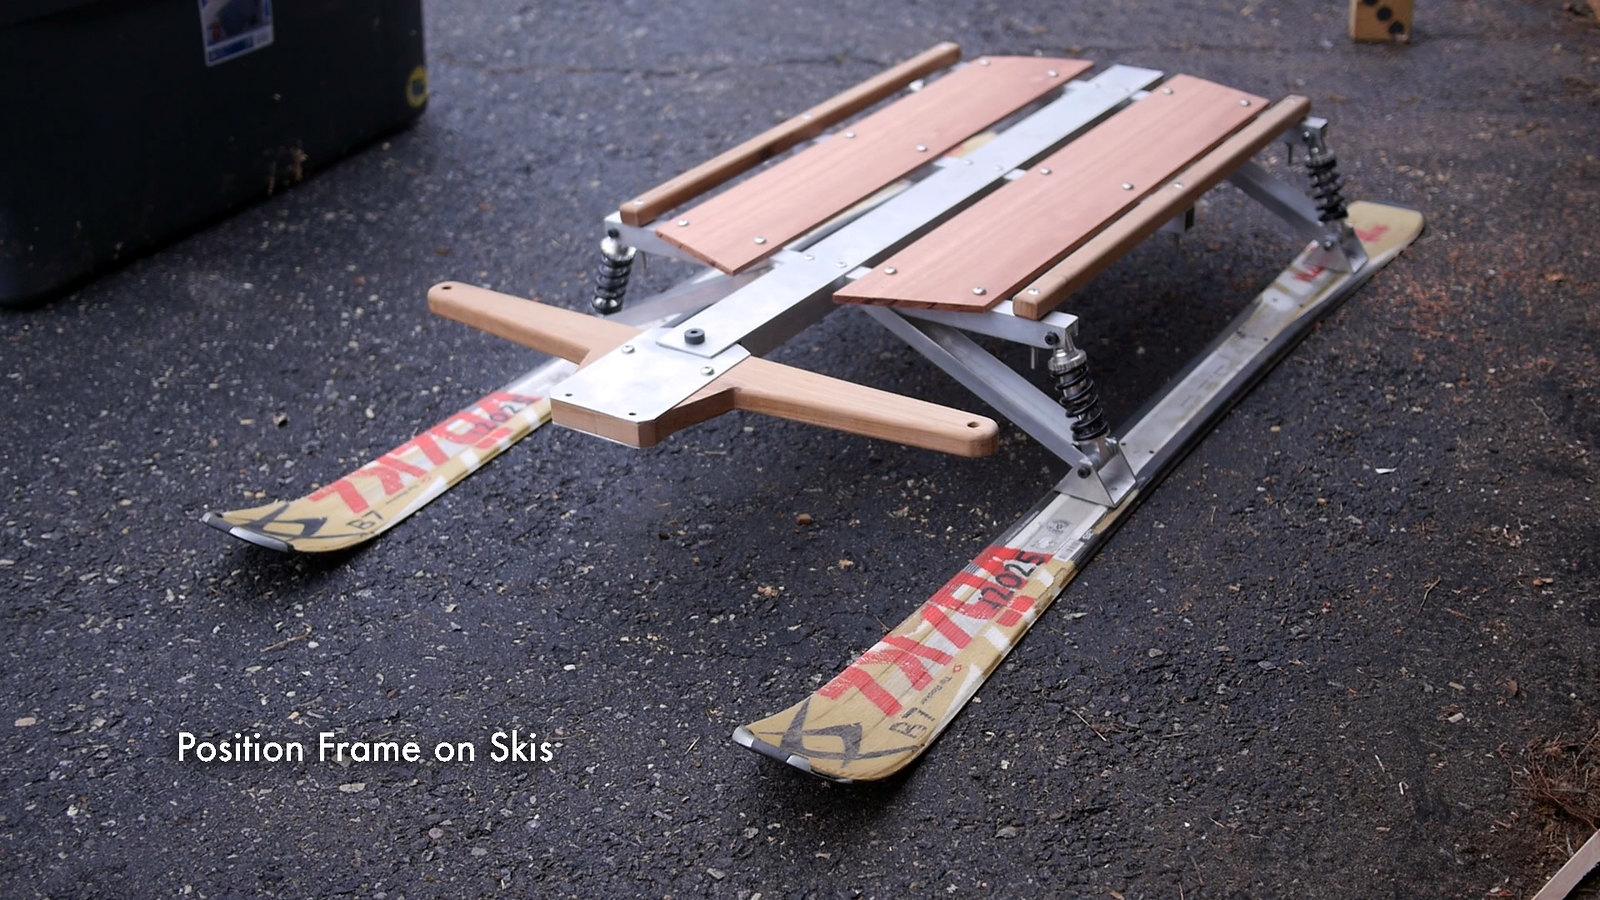 Position Frame on Skis